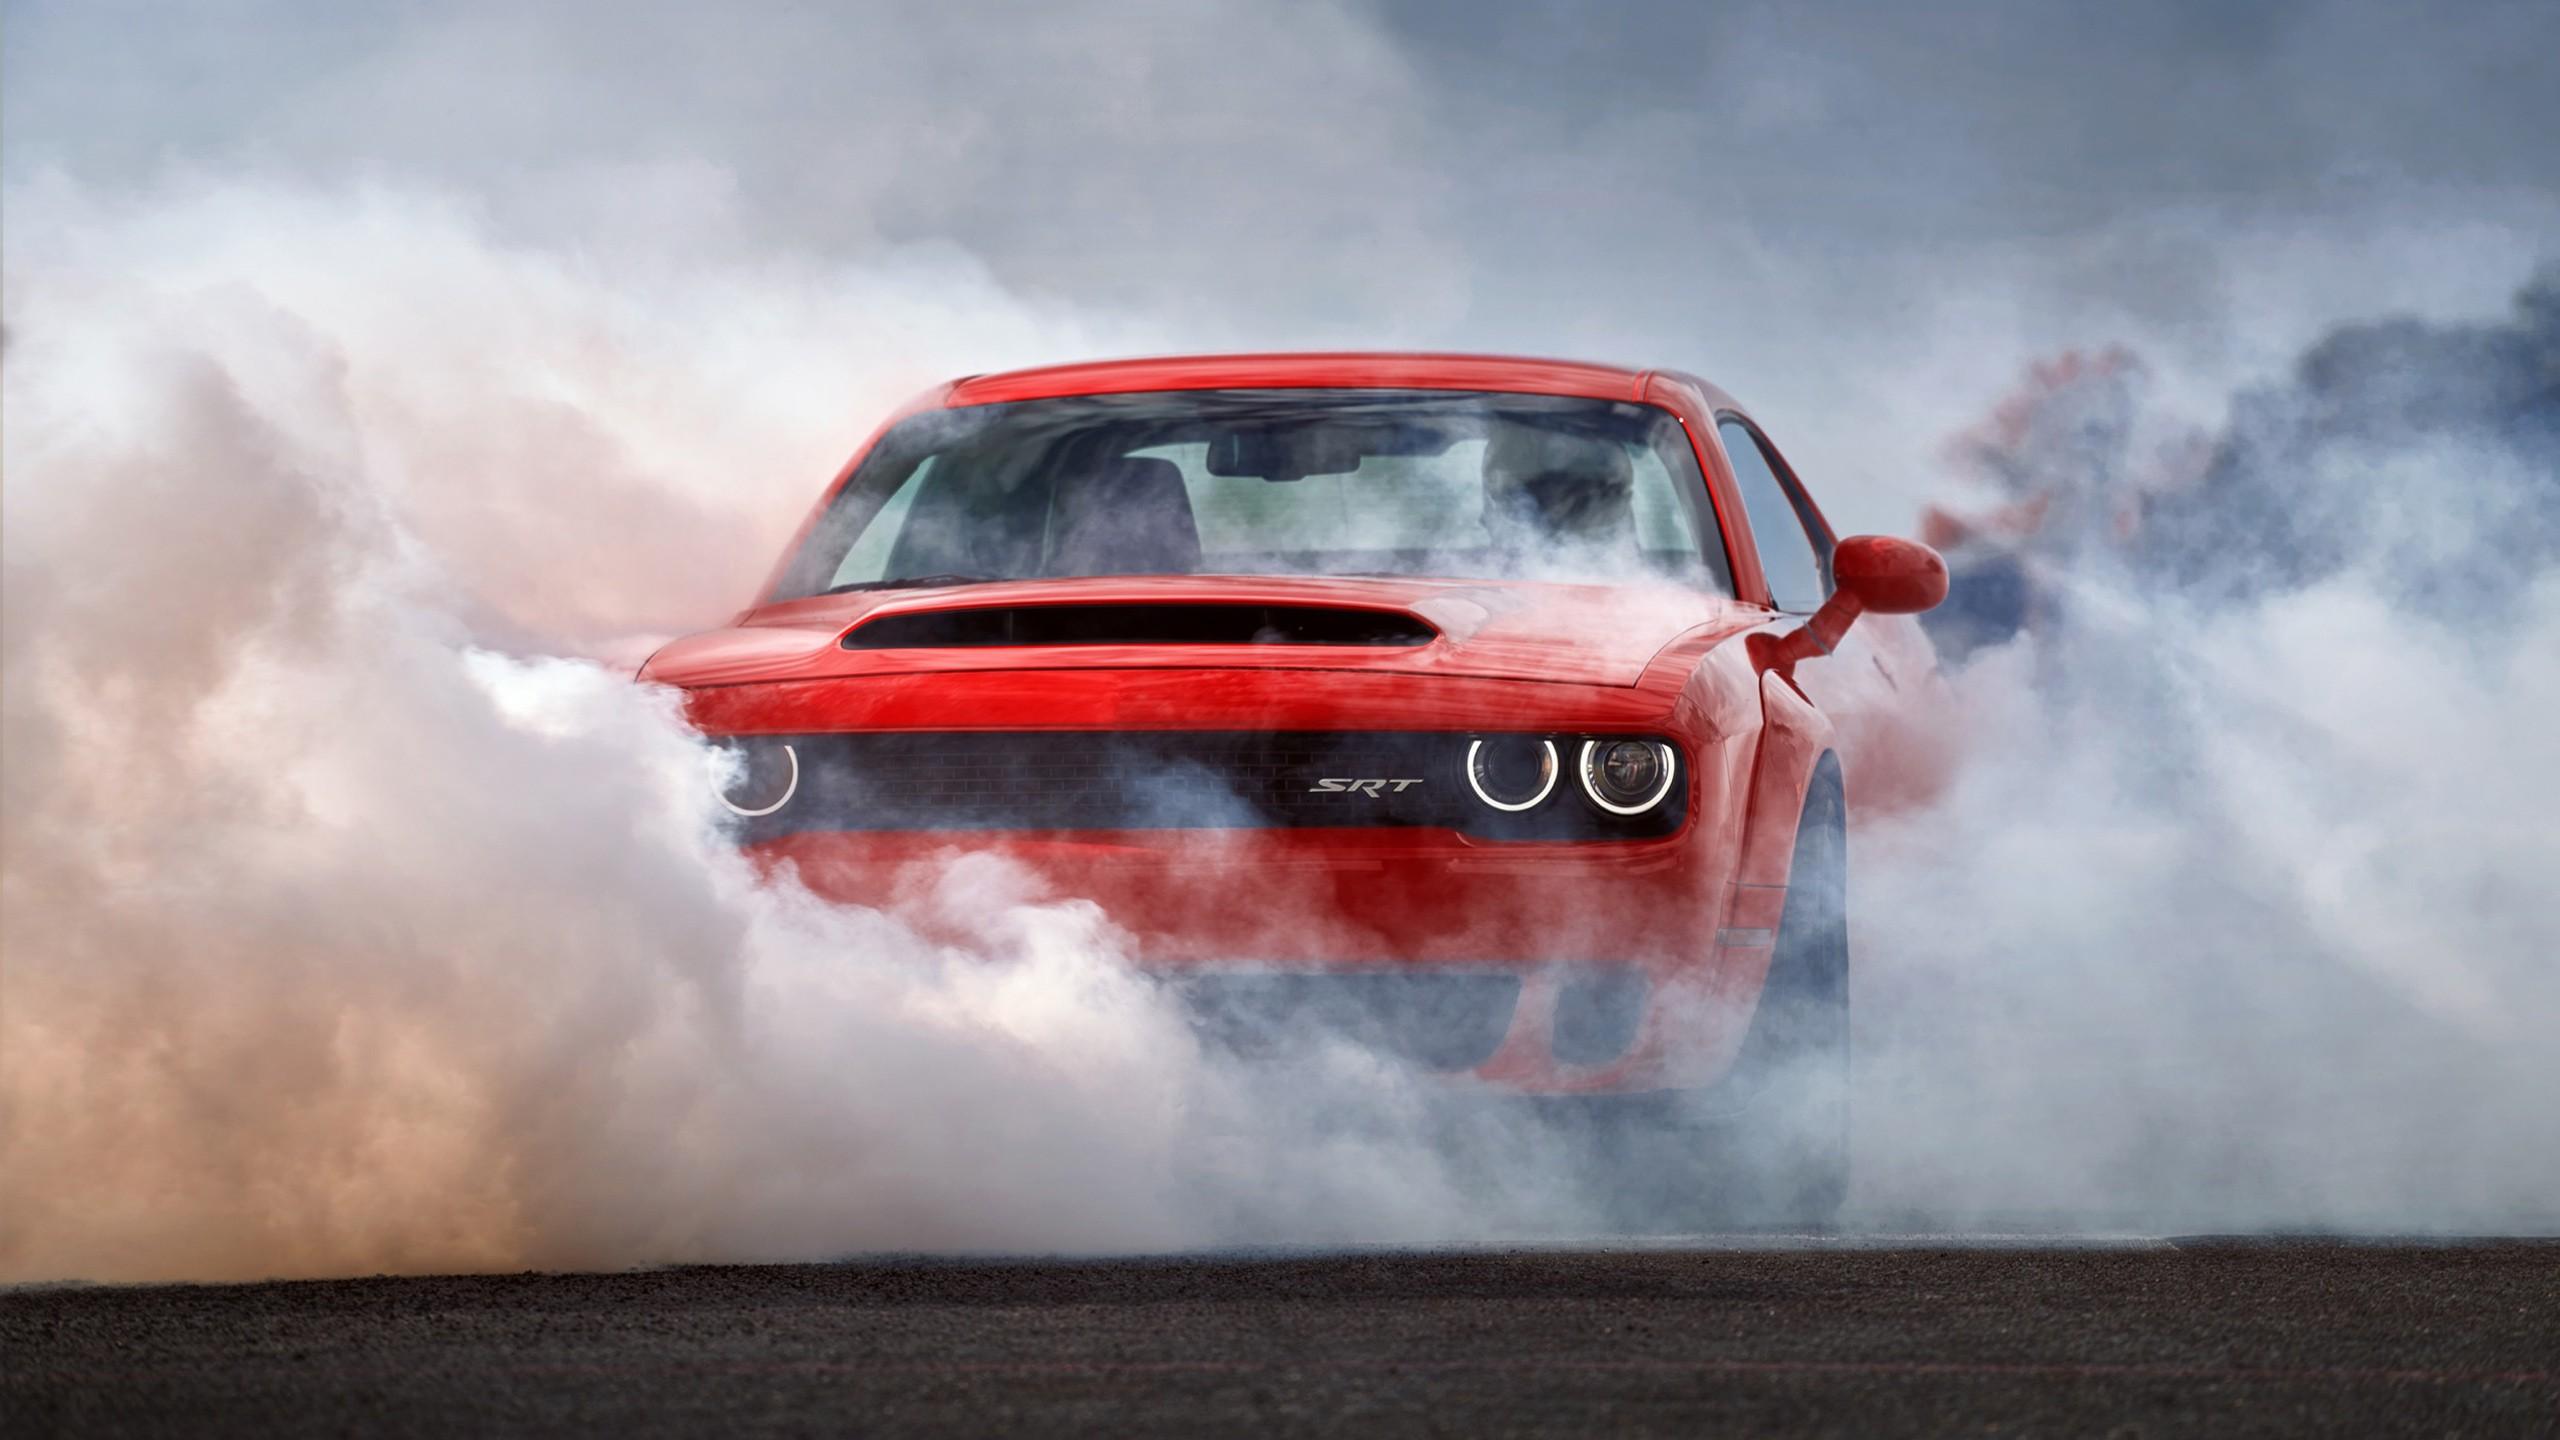 Drift Car Wallpaper Images 2018 Dodge Challenger Srt Demon Wallpaper Hd Car